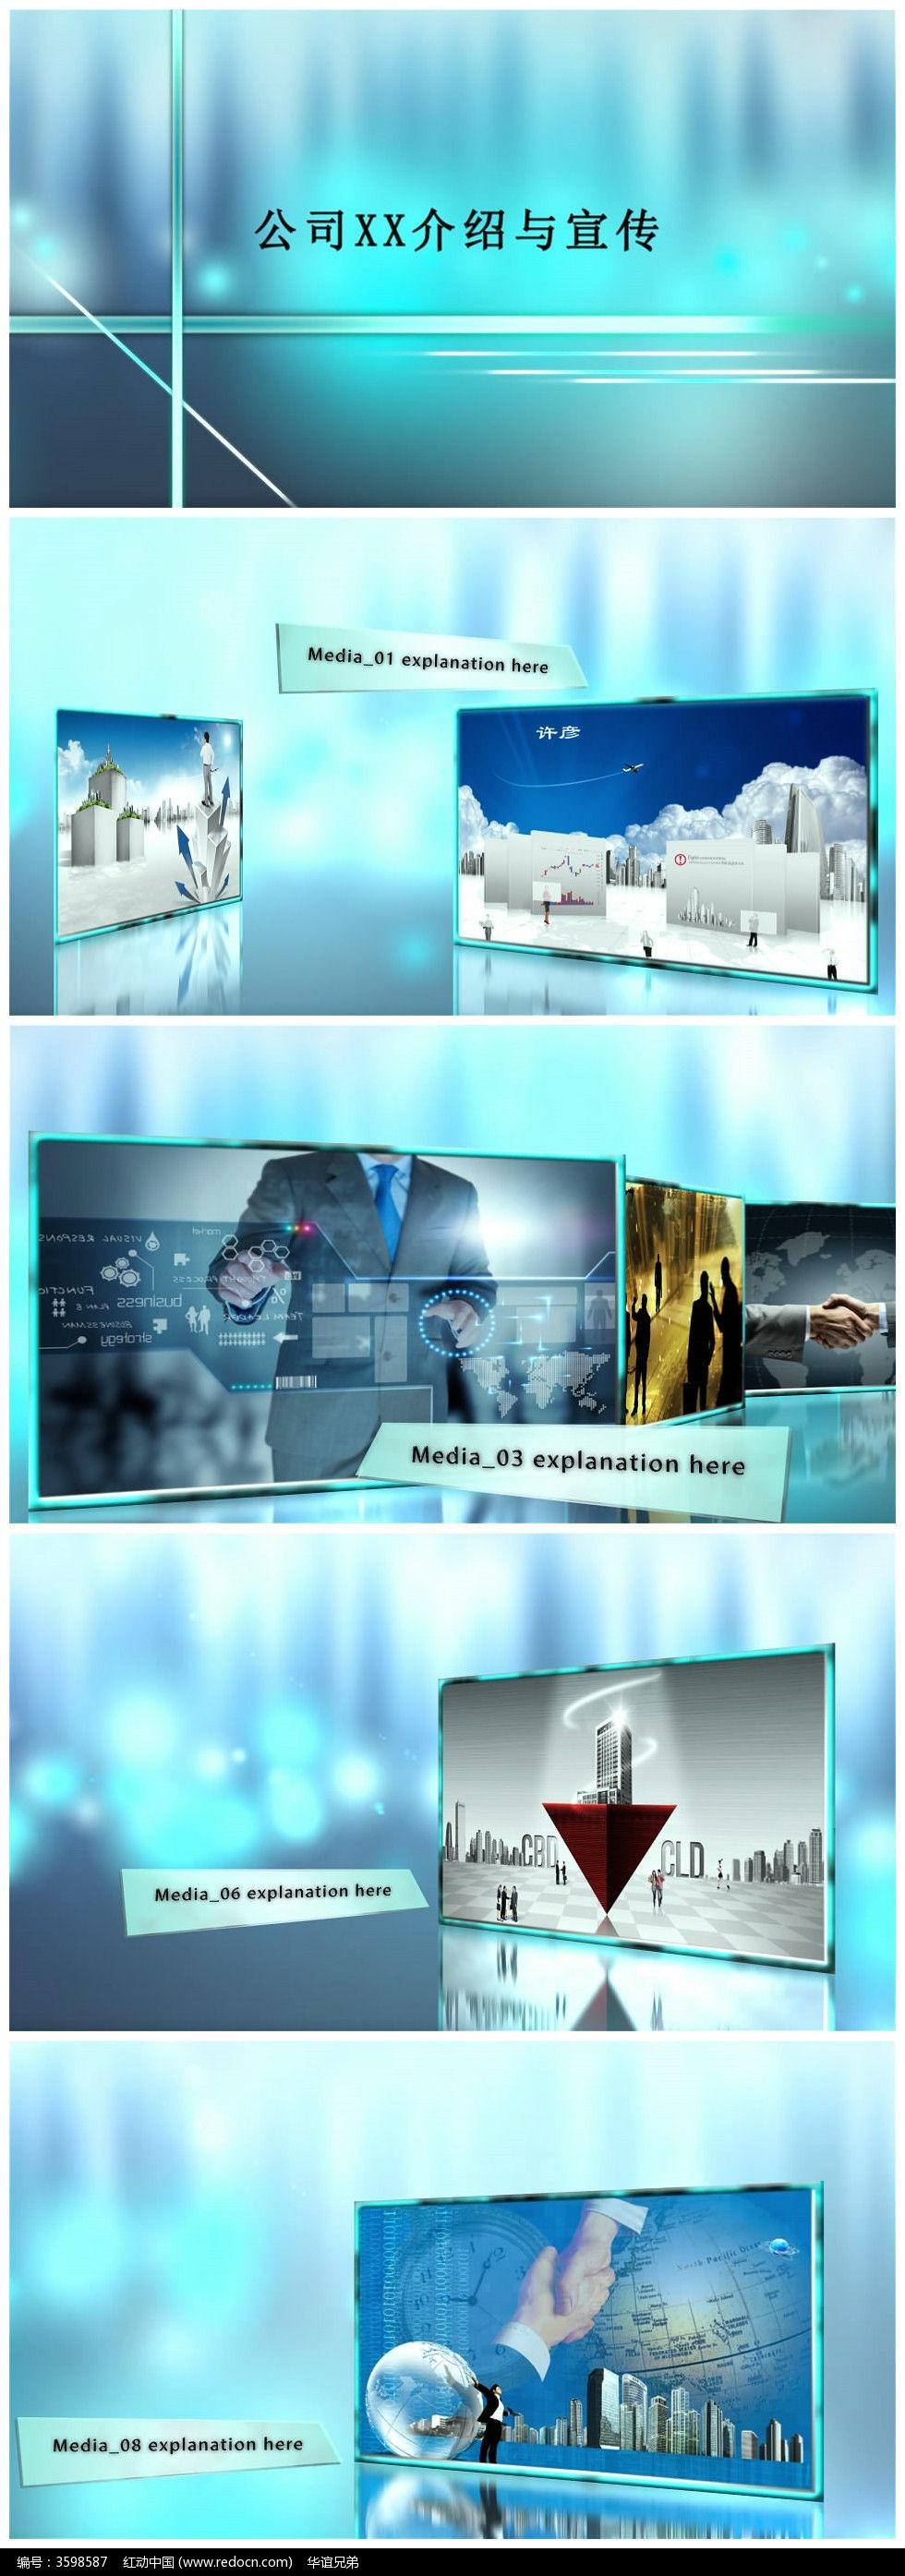 企业宣传视频模板ae模板